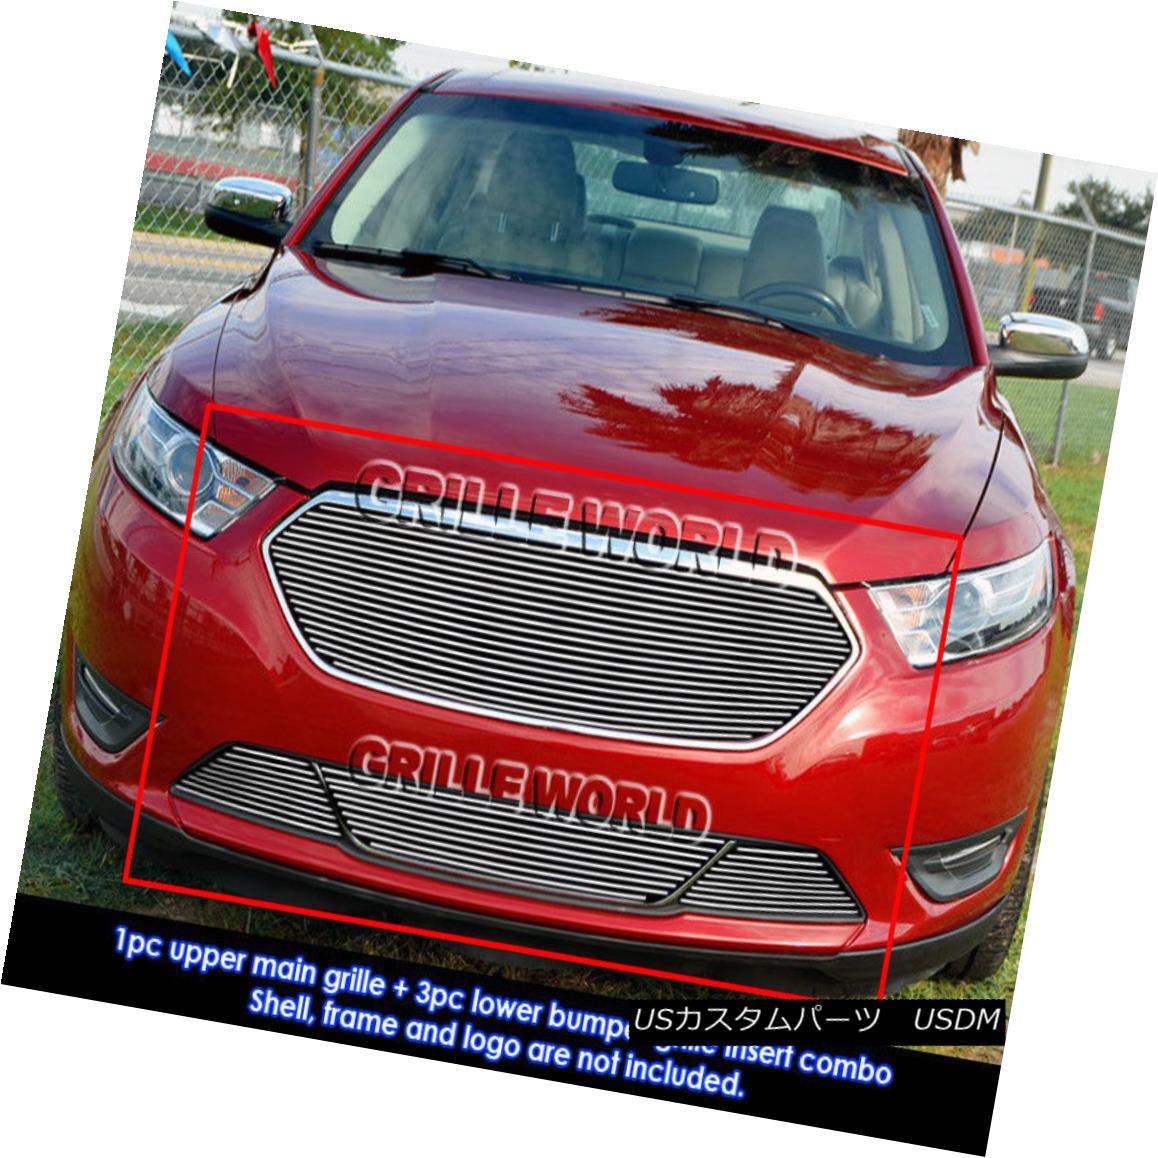 グリル For 2013-2016 Ford Taurus SHO Logo Cover Billet Grill Insert Combo 2013-2016 Ford Taurus SHOロゴカバービレットグリルインサートコンボ用